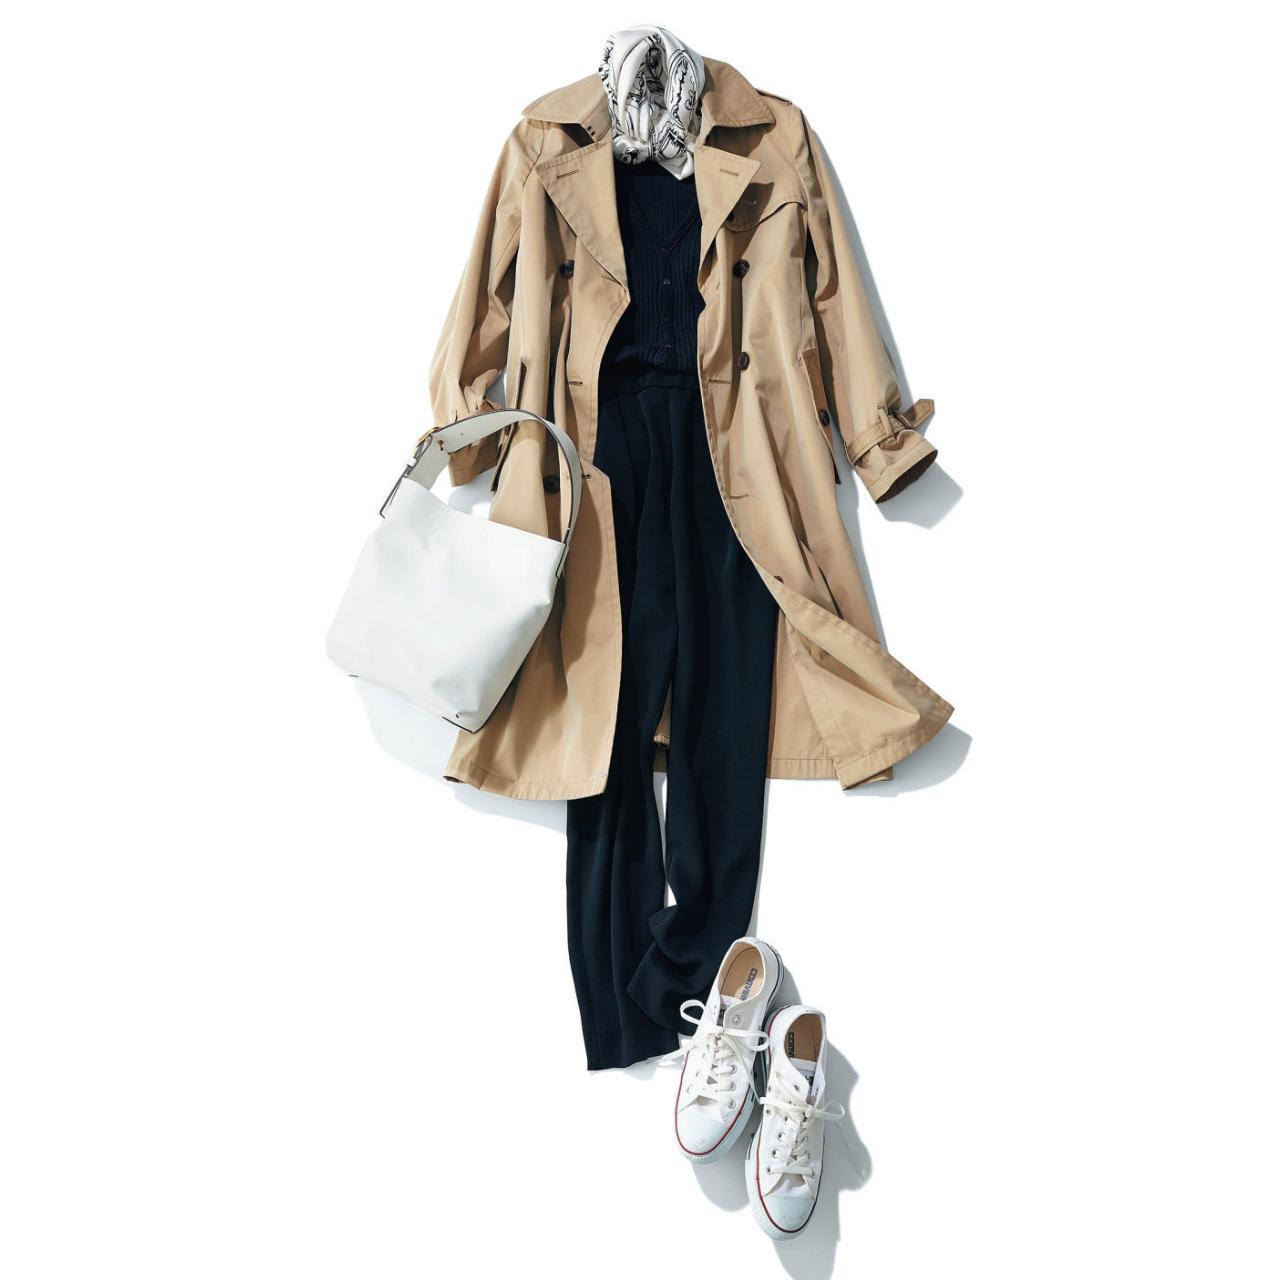 白コンバース ローカットスニーカー×トレンチコート&黒パンツのファッションコーデ